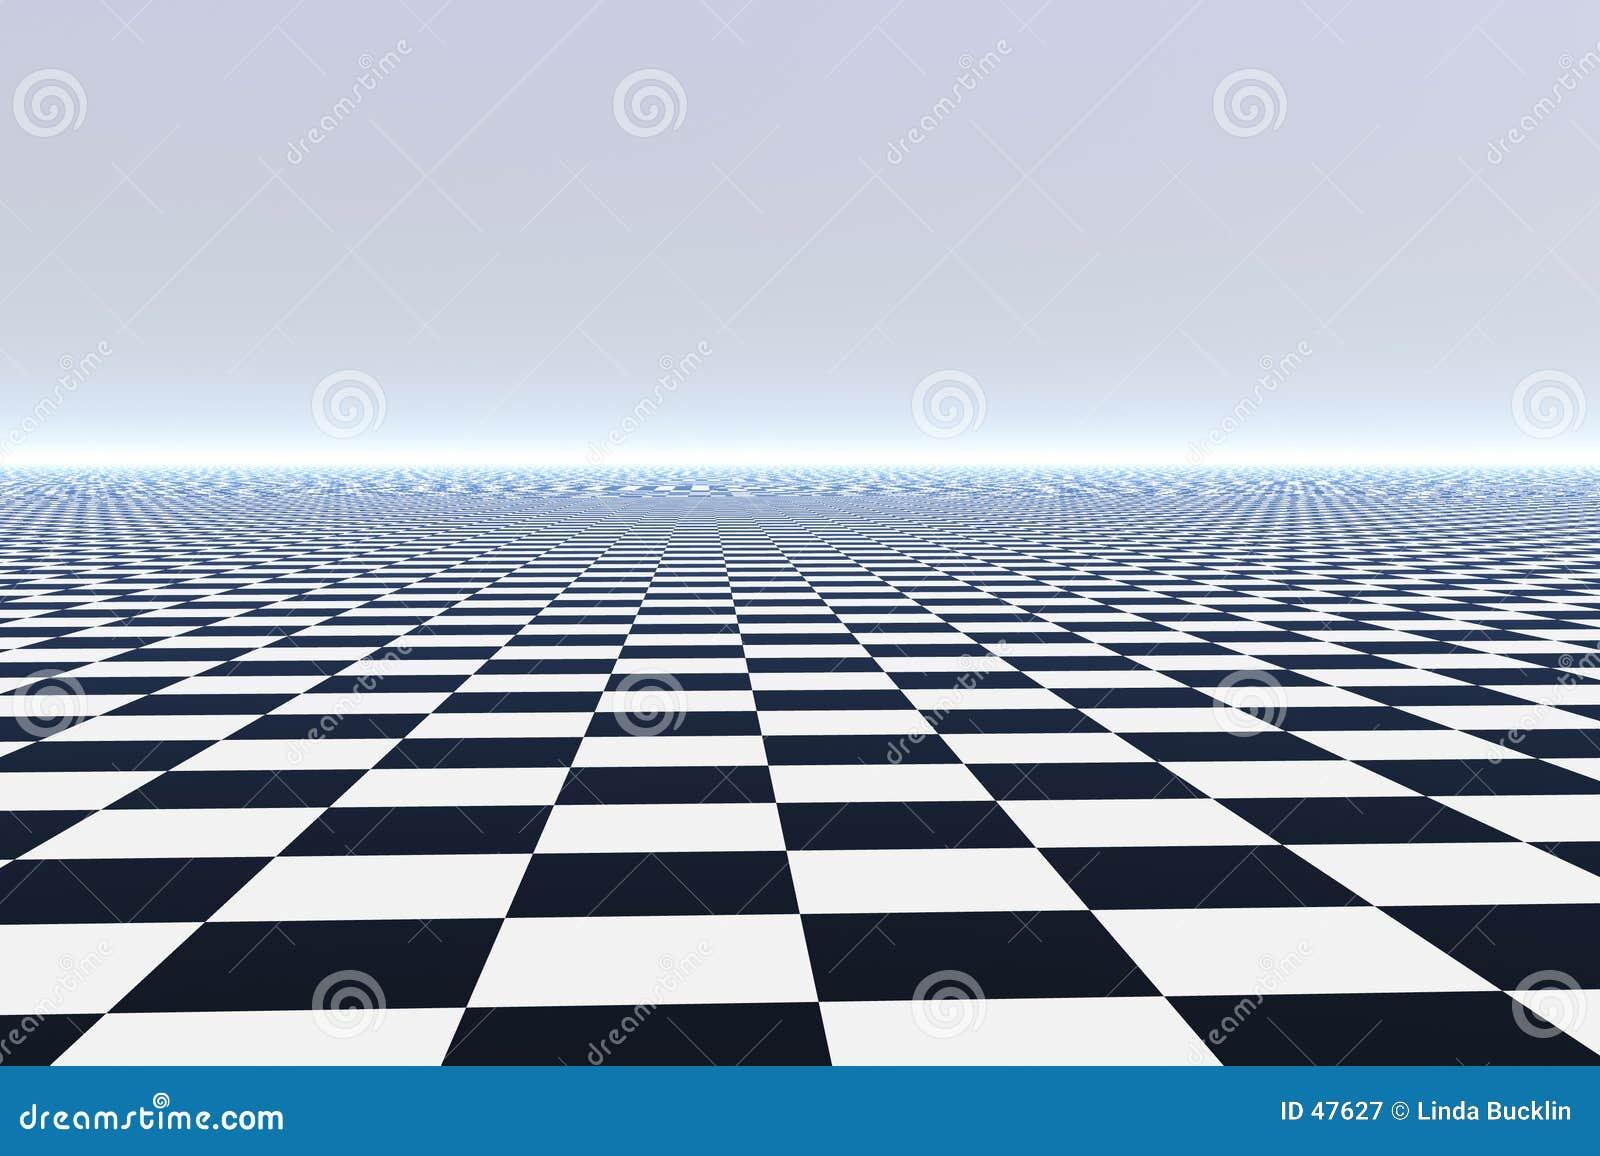 Endloser Fliese-Fußboden